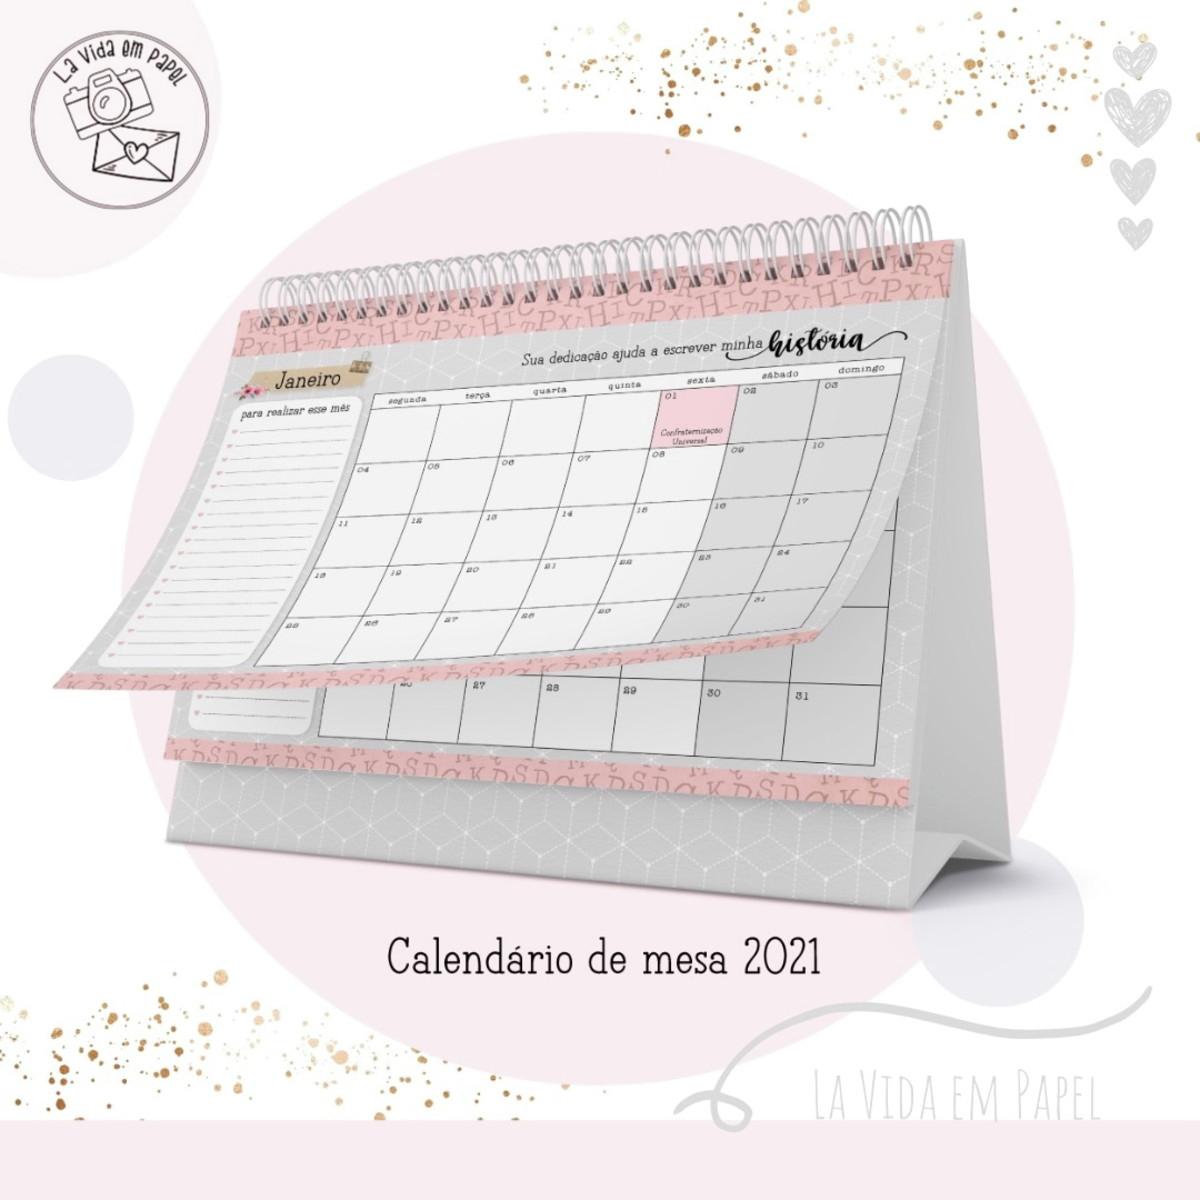 Calendário De Mesa 2021 Professora No Elo7 | Lá Vida Em